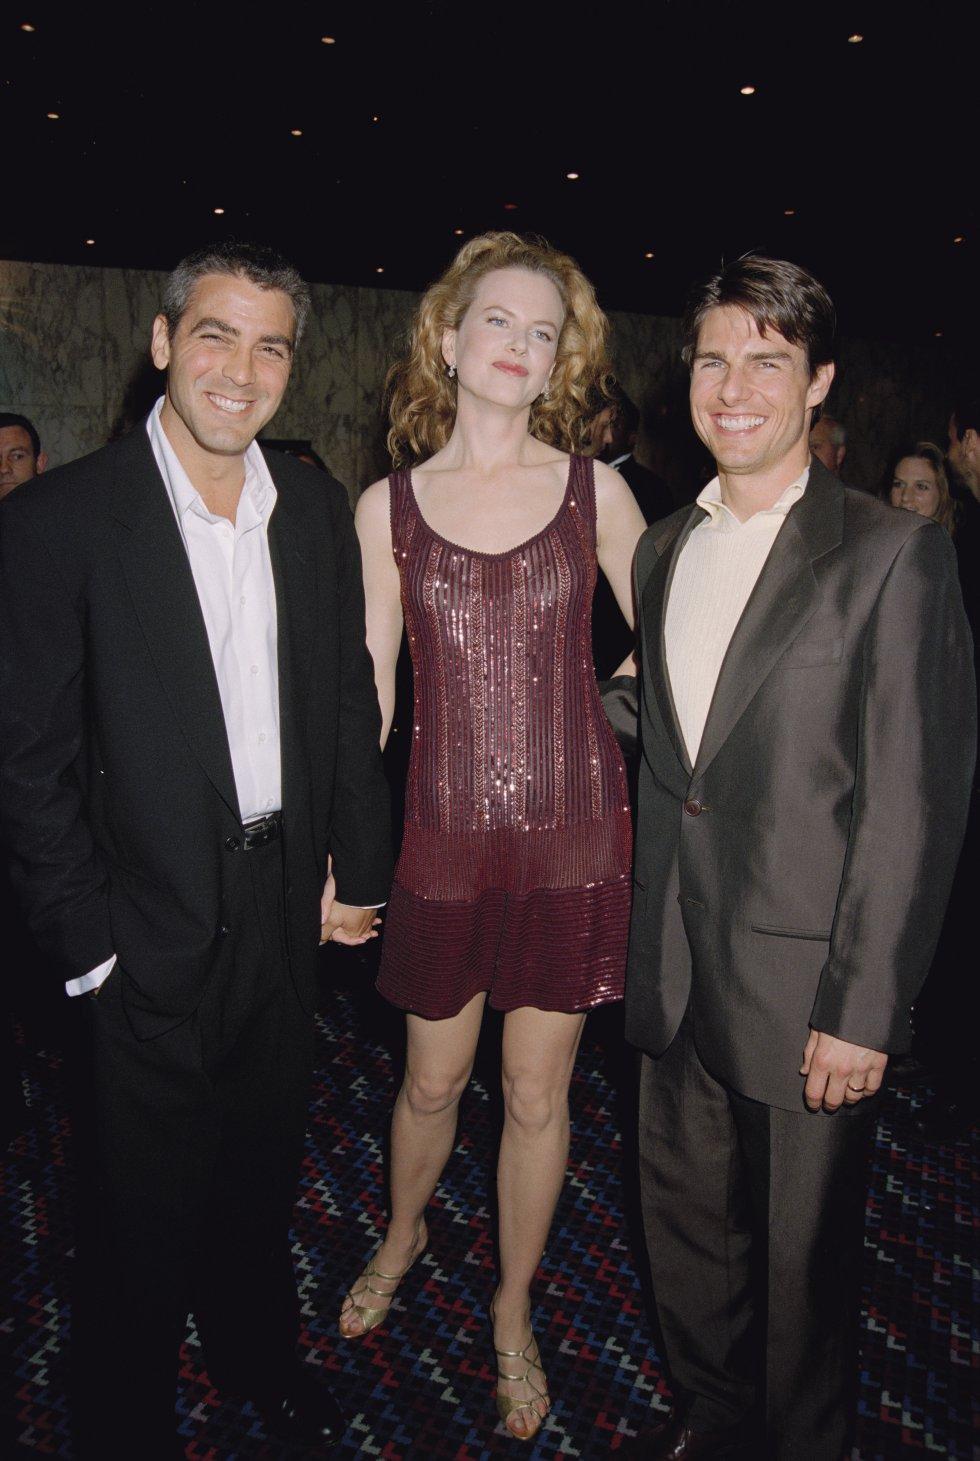 En el año 2004 obtuvo una nominación a los Globos de oro por Birth.